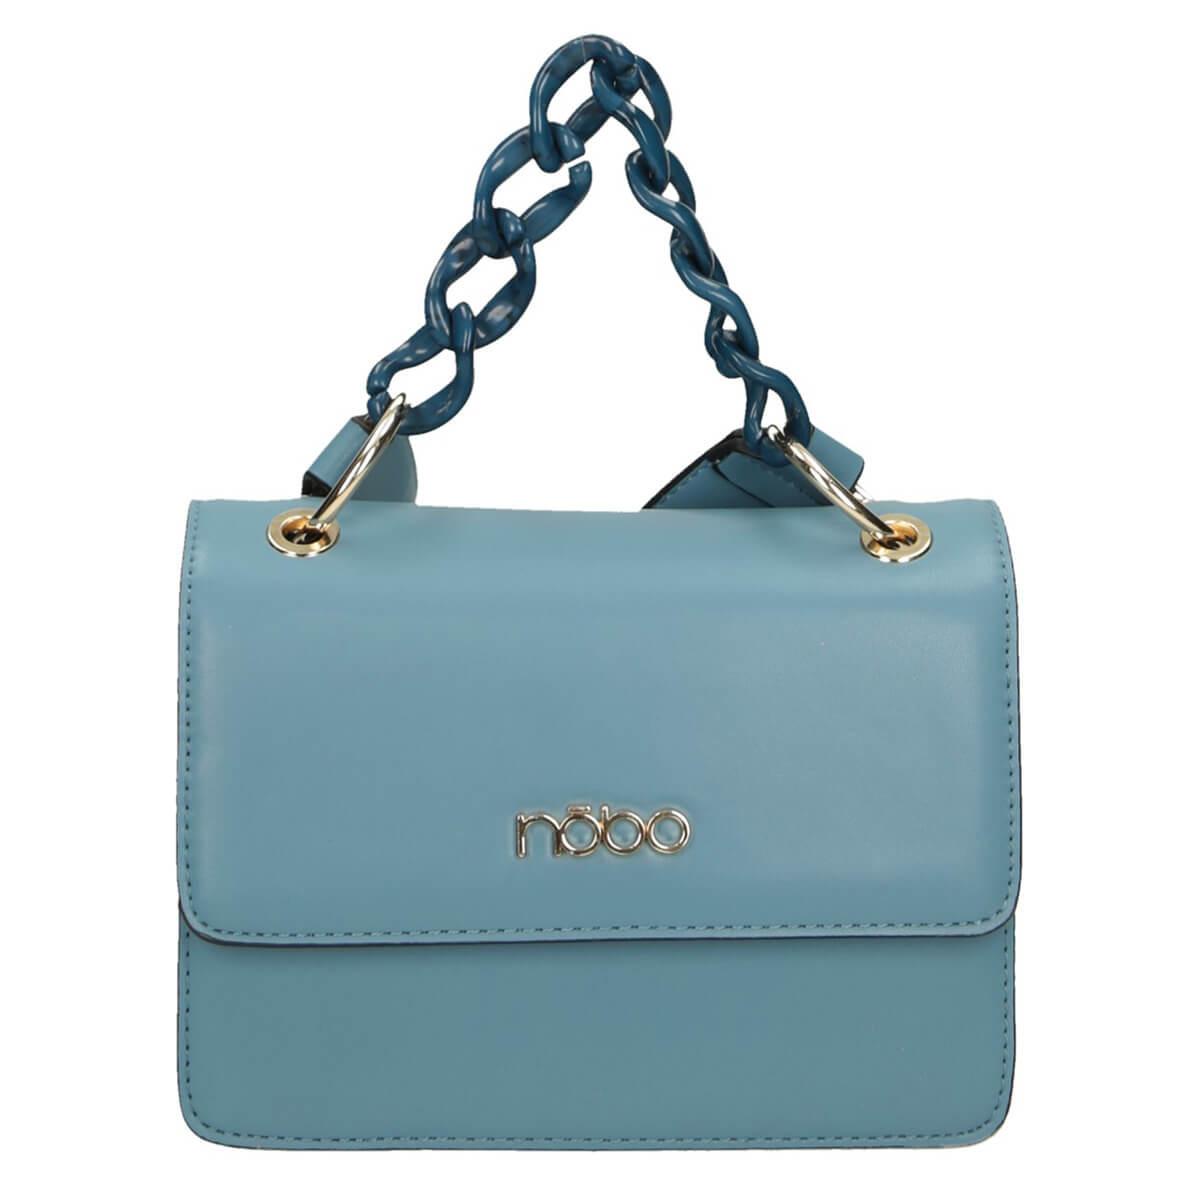 Nobo Woman's Bag NBAG-I0510-C012